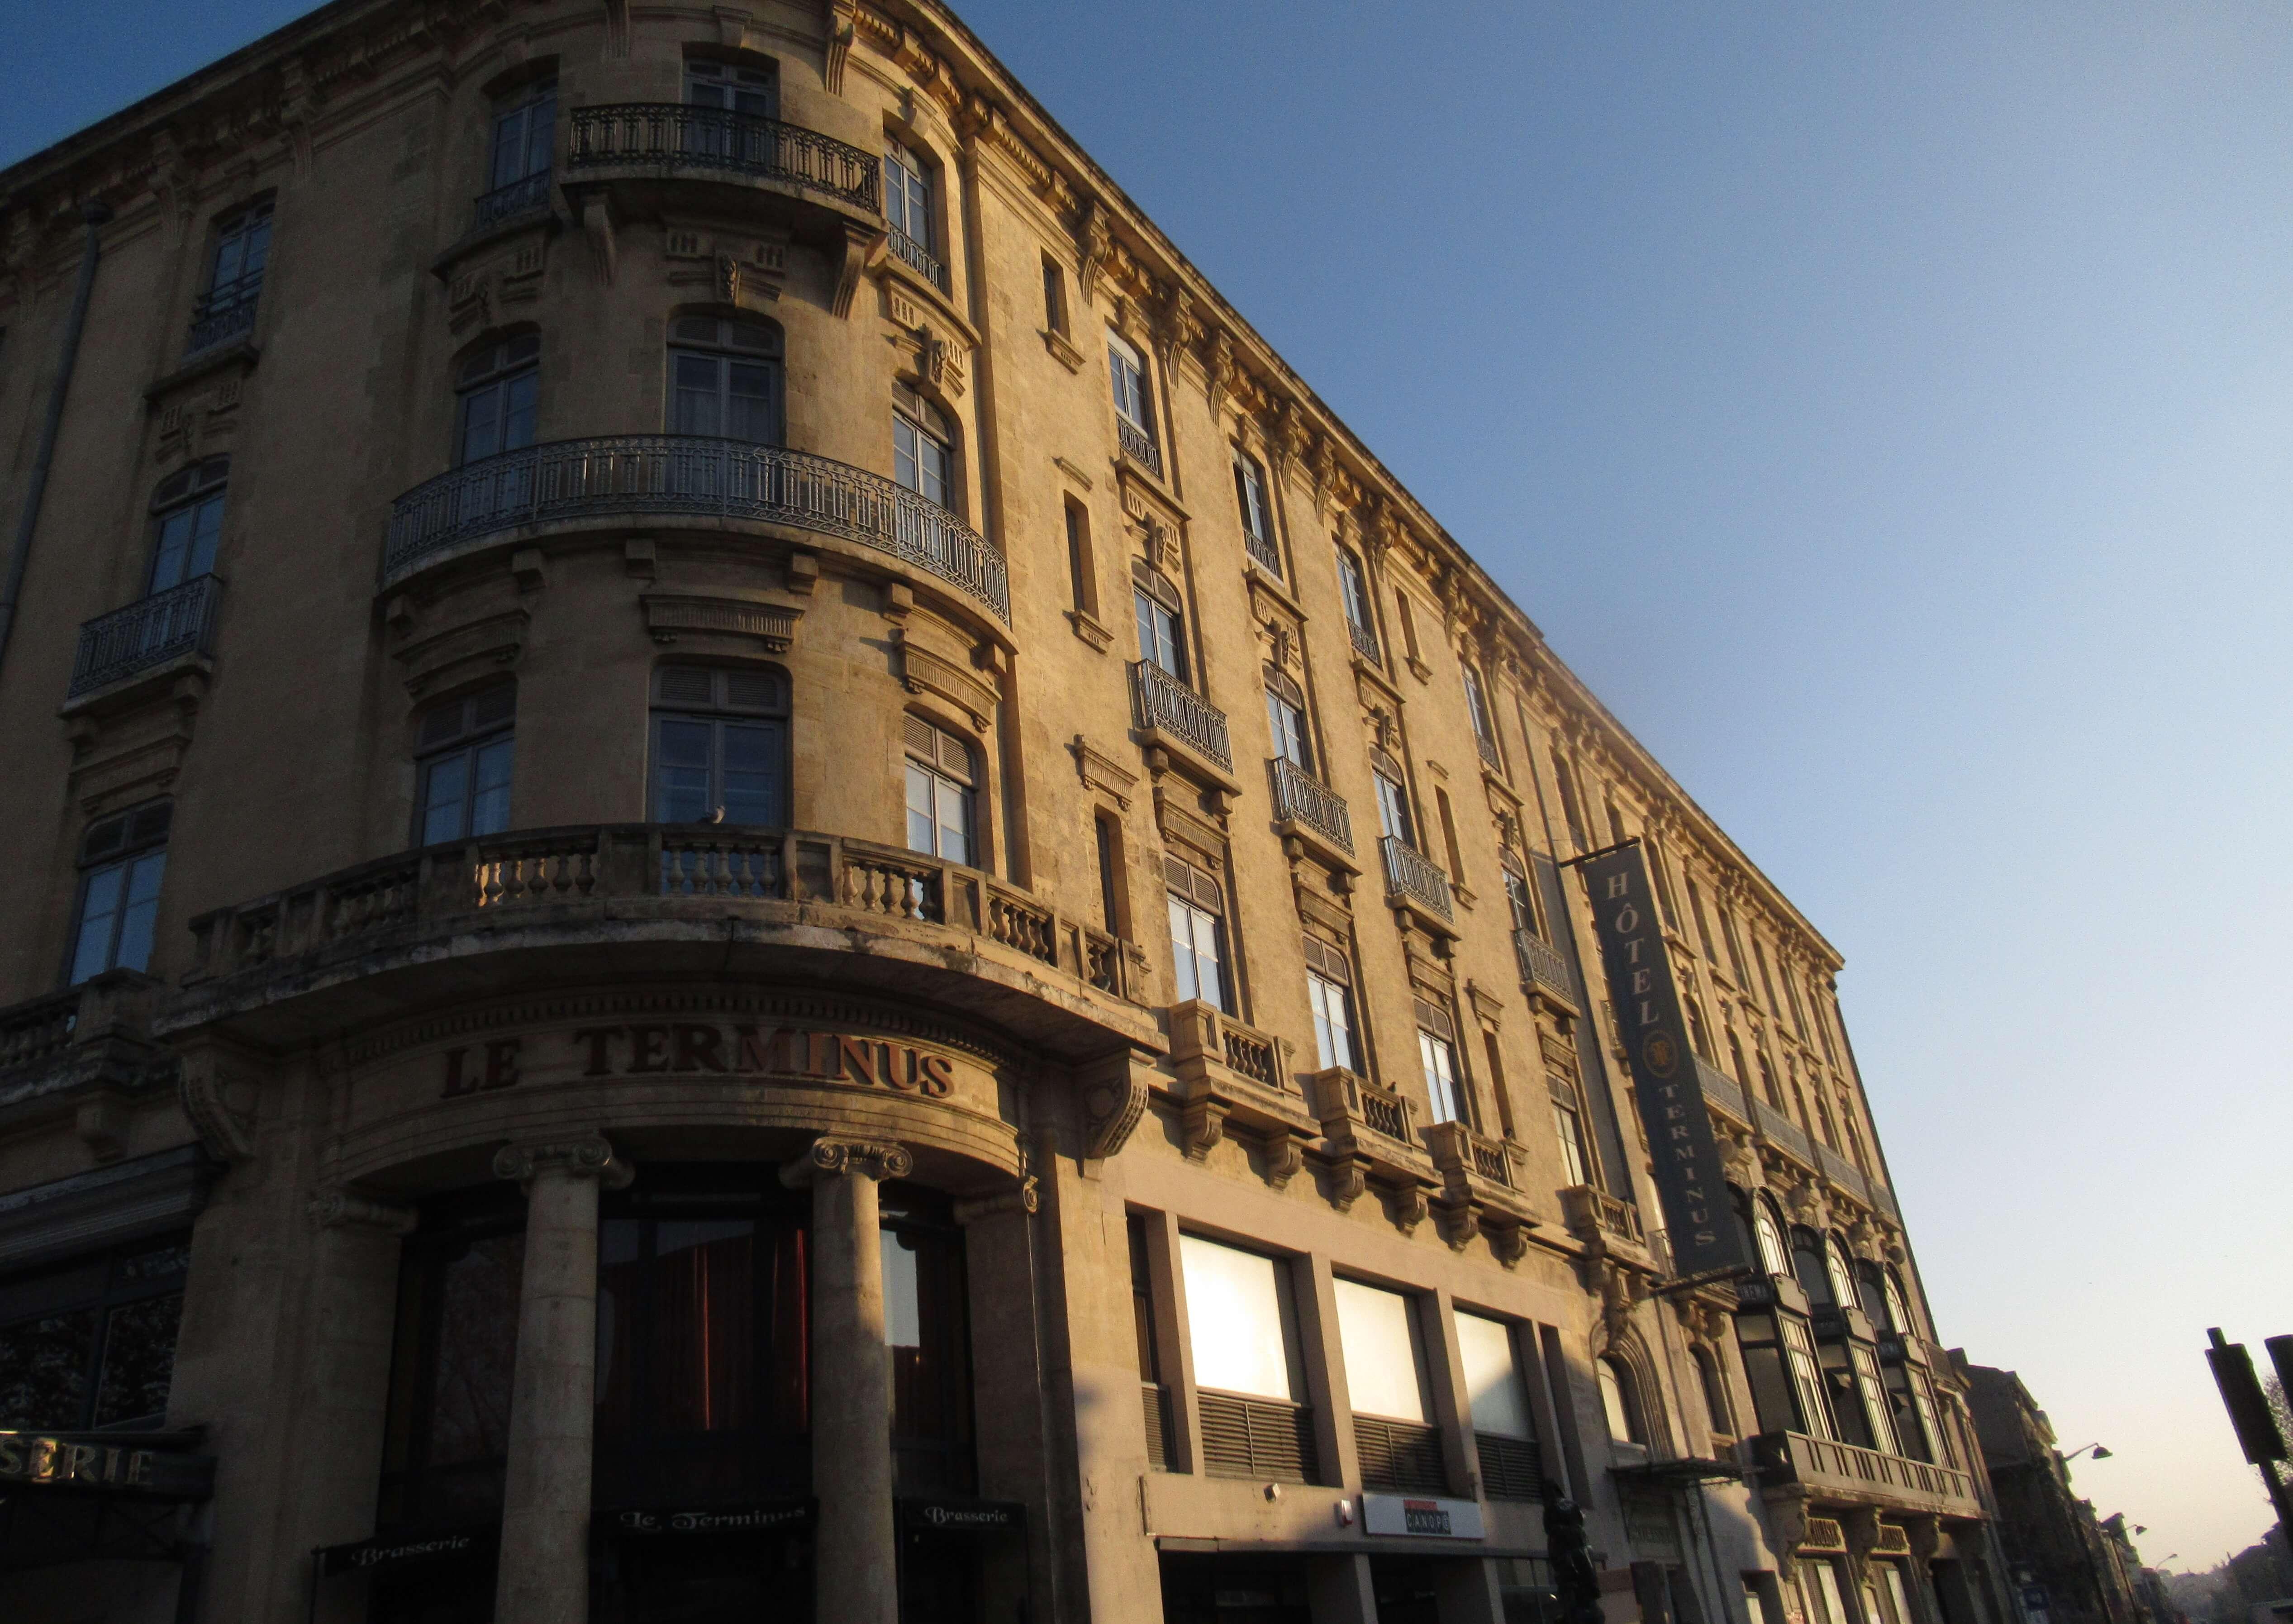 カルカソンヌ ホテル 駅近のおすすめ ソレイユ·ル·テルミニュス